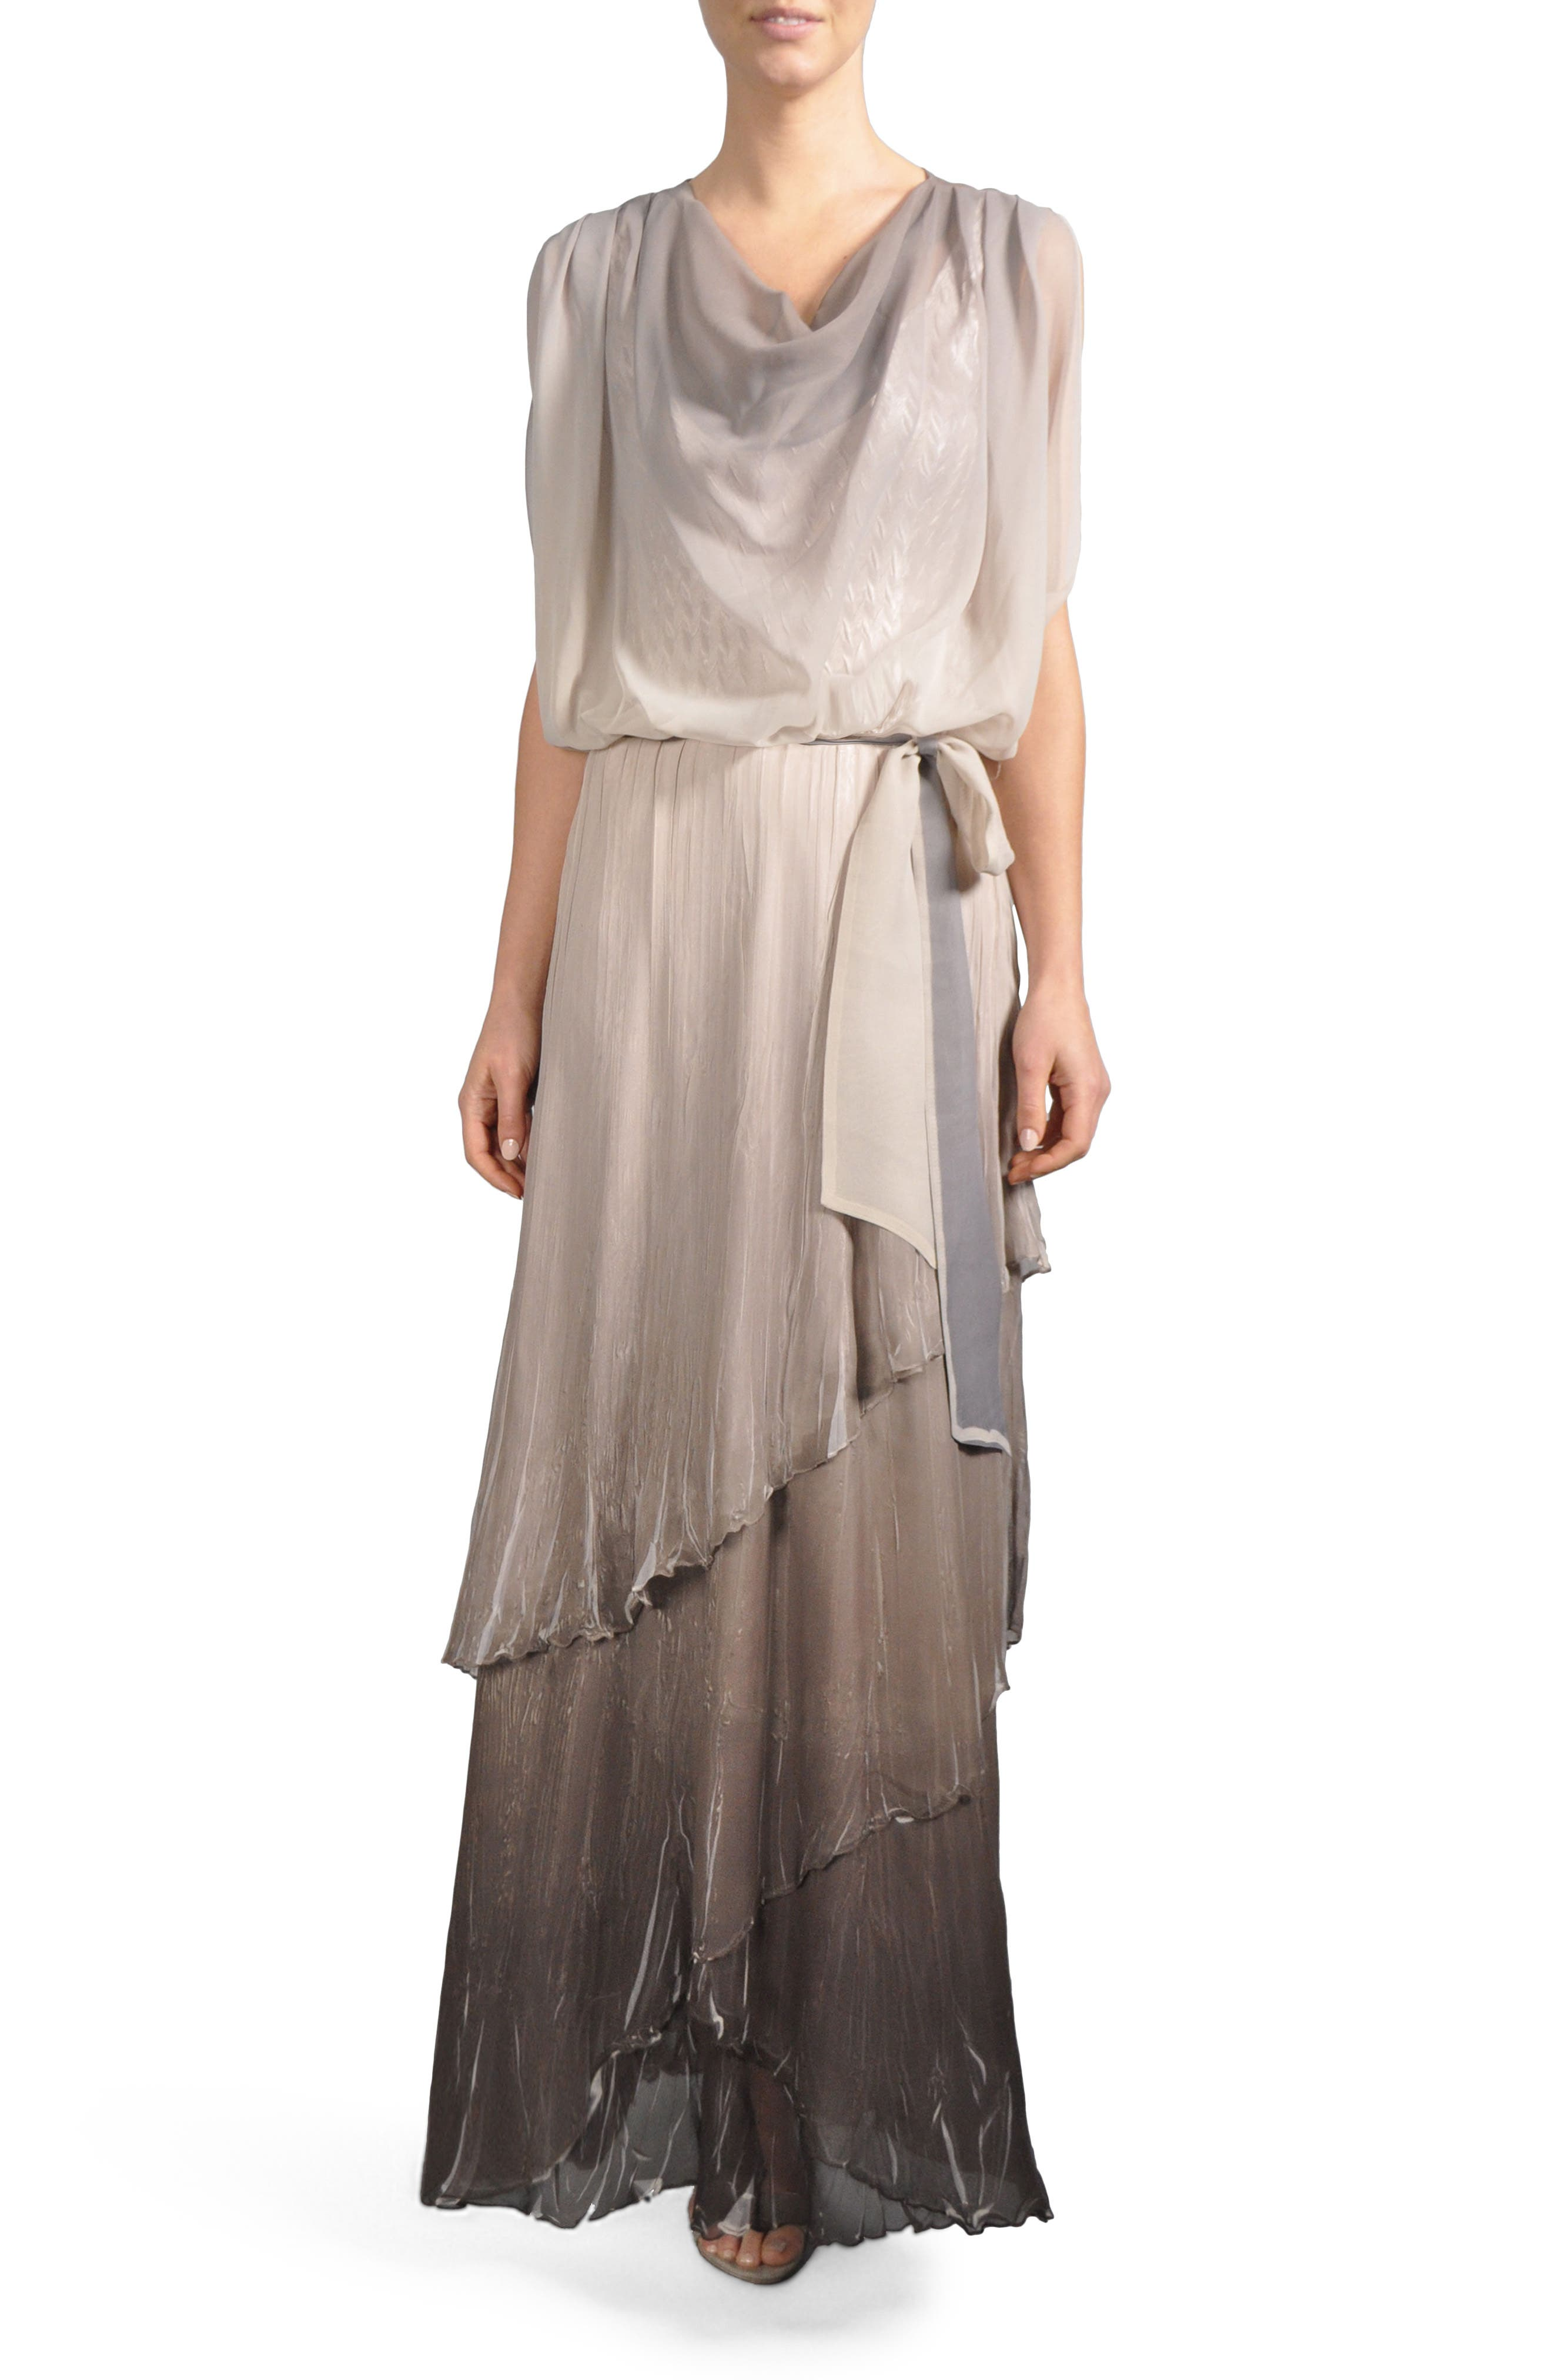 Alternate Image 1 Selected - Komarov Ombré Tiered Skirt Blouson Gown